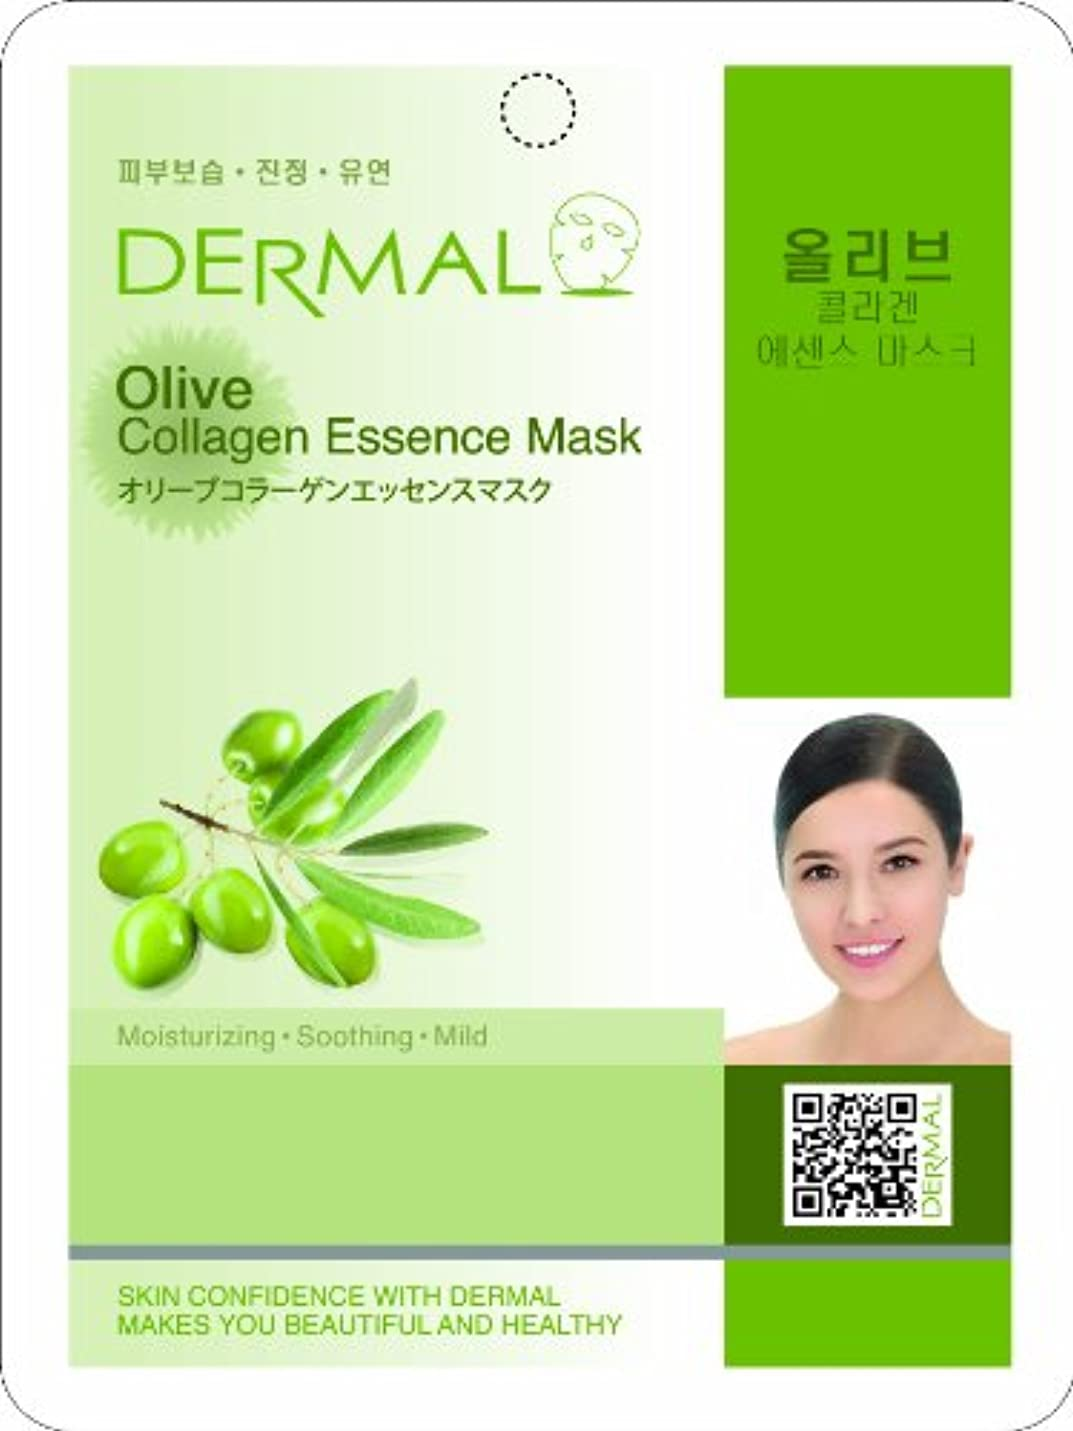 味付け歌う複数オリーブシートマスク(フェイスパック) 10枚セット ダーマル(Dermal)